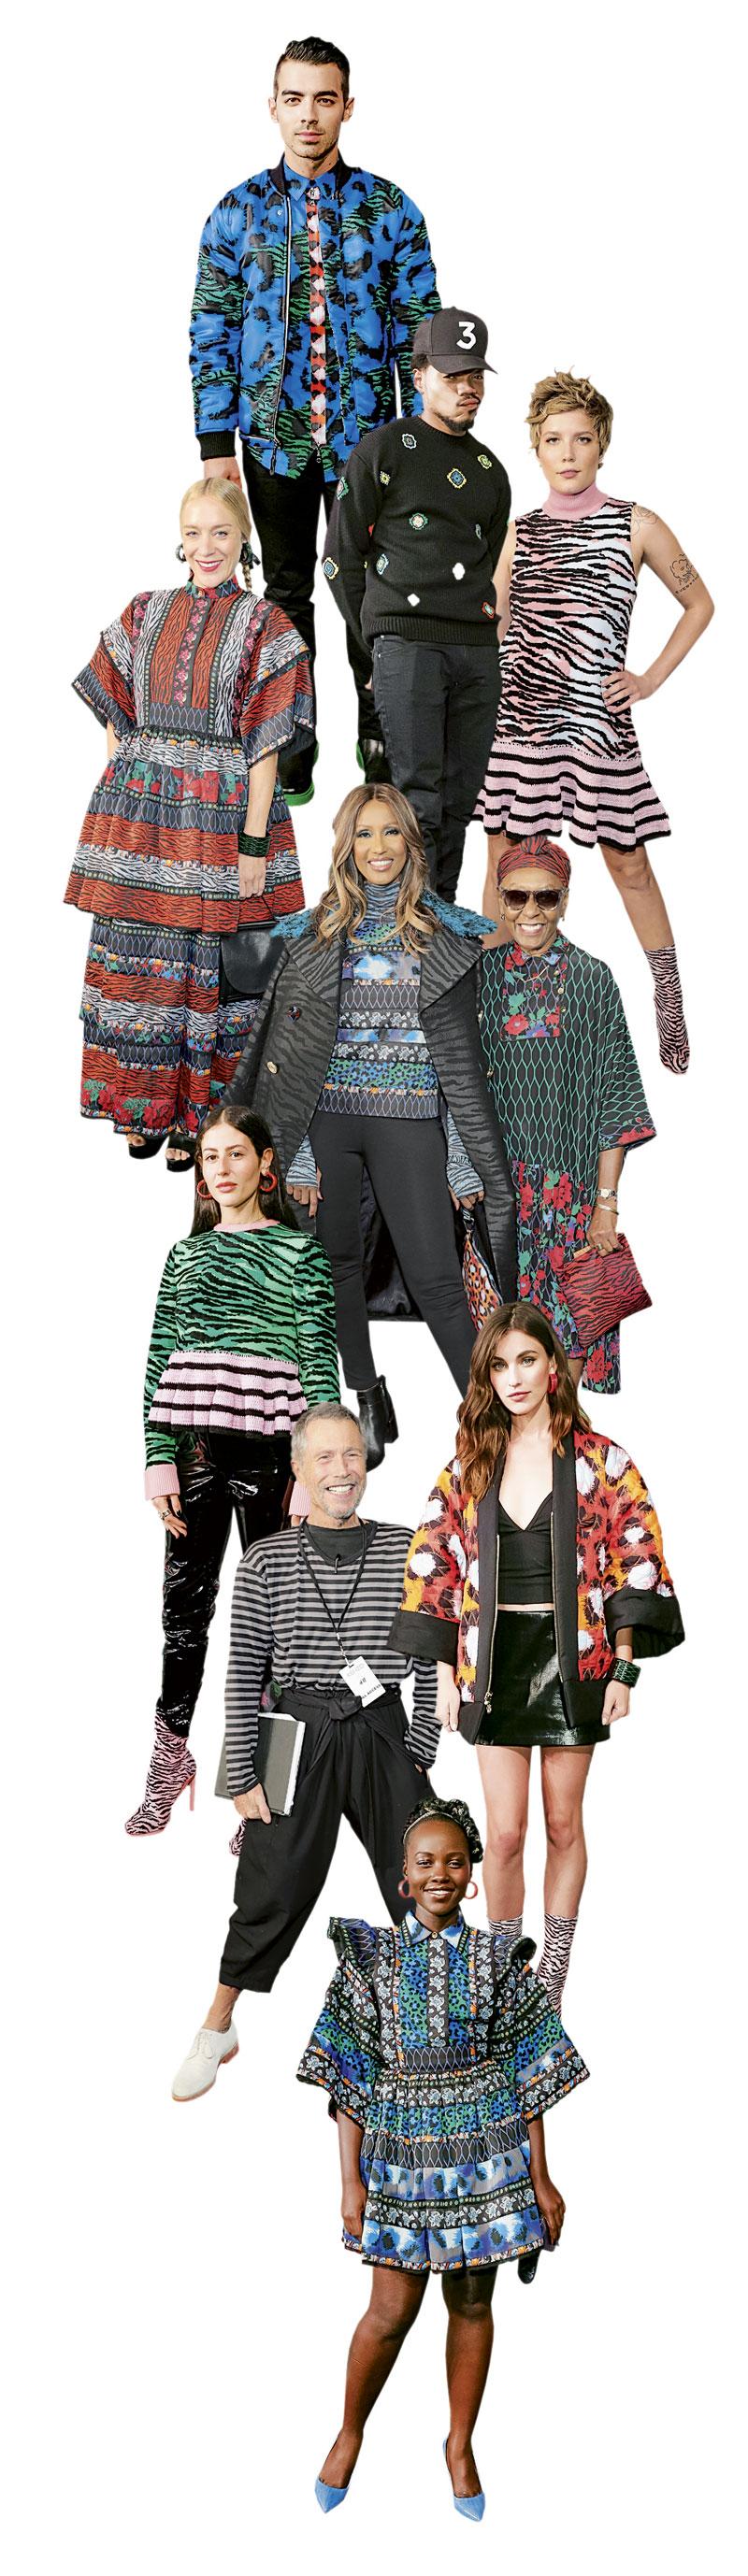 Zielsetzung Hohe QualitÄt Neueste Mode 2018 Paris Fashion Designer Blazer Frauen Lion Tasten Kette Link Blazer Äußere Mantel Frauen Kleidung & Zubehör